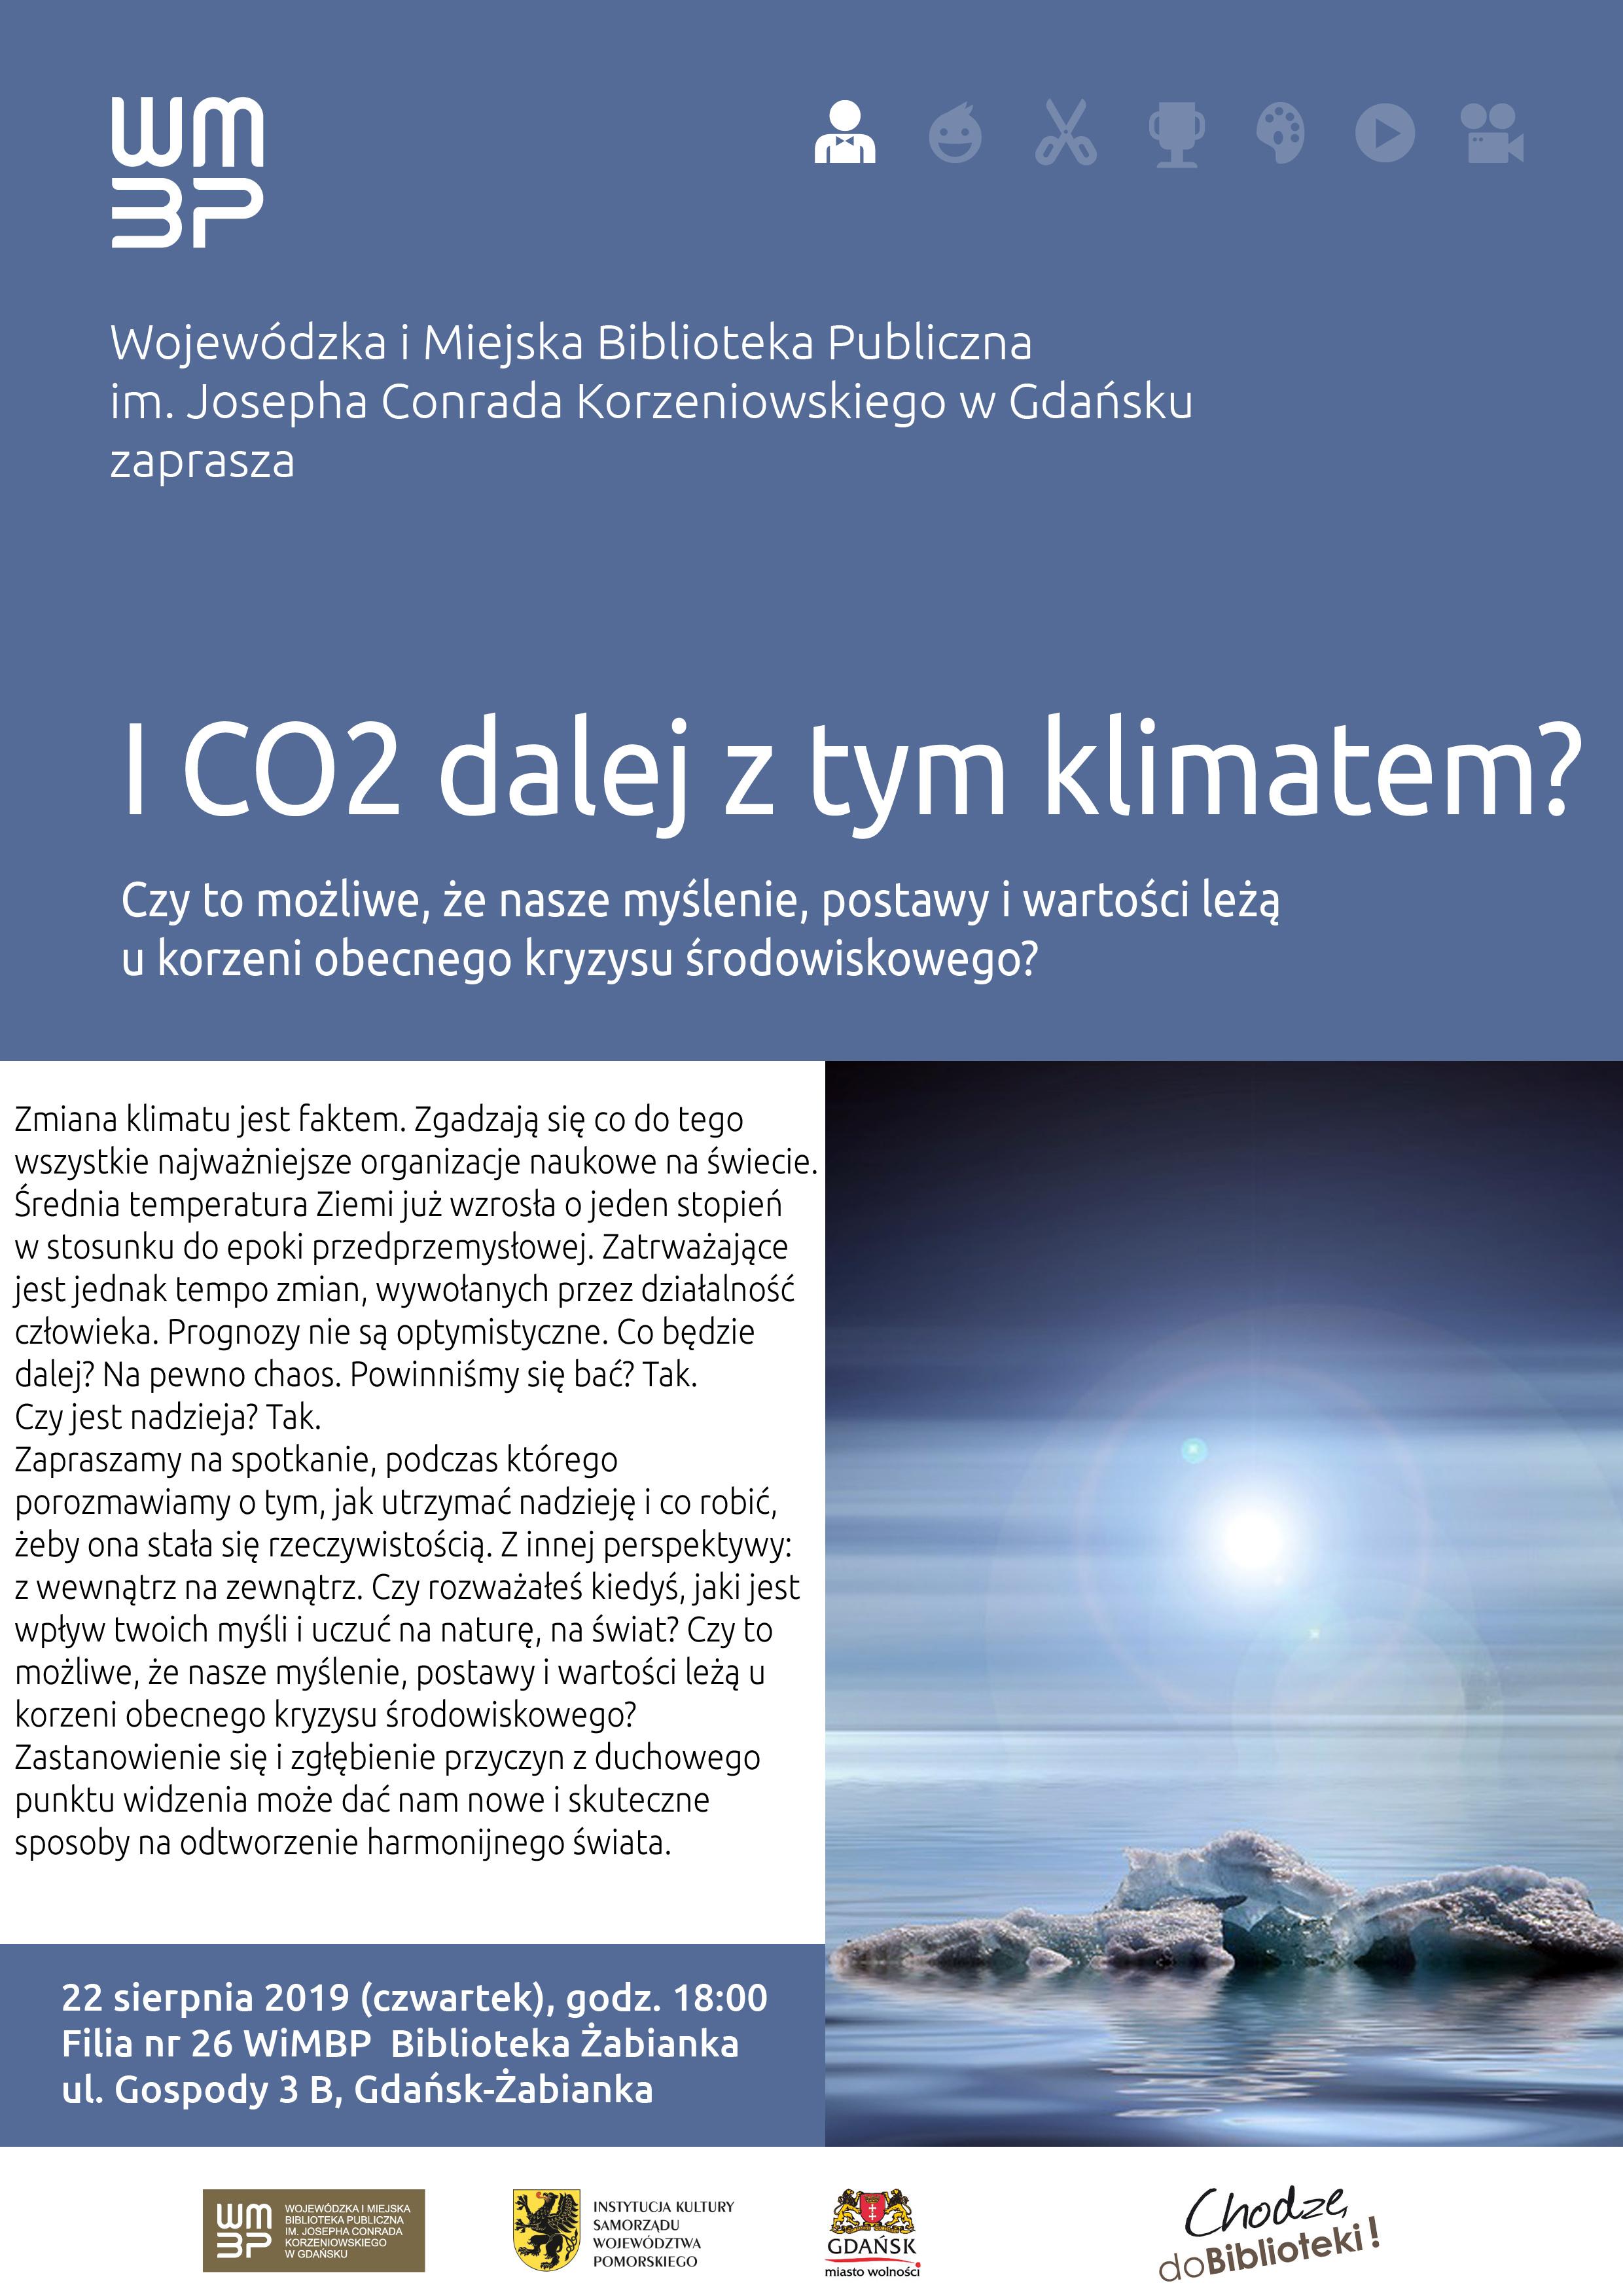 I CO2 dalej z tym klimatem? Spotkanie z Anetą Łój, wolontariuszką w elektrowni słonecznej w Radżastanie, Indie @ Wojewódzka i Miejska Biblioteka Publiczna w Gdańsku